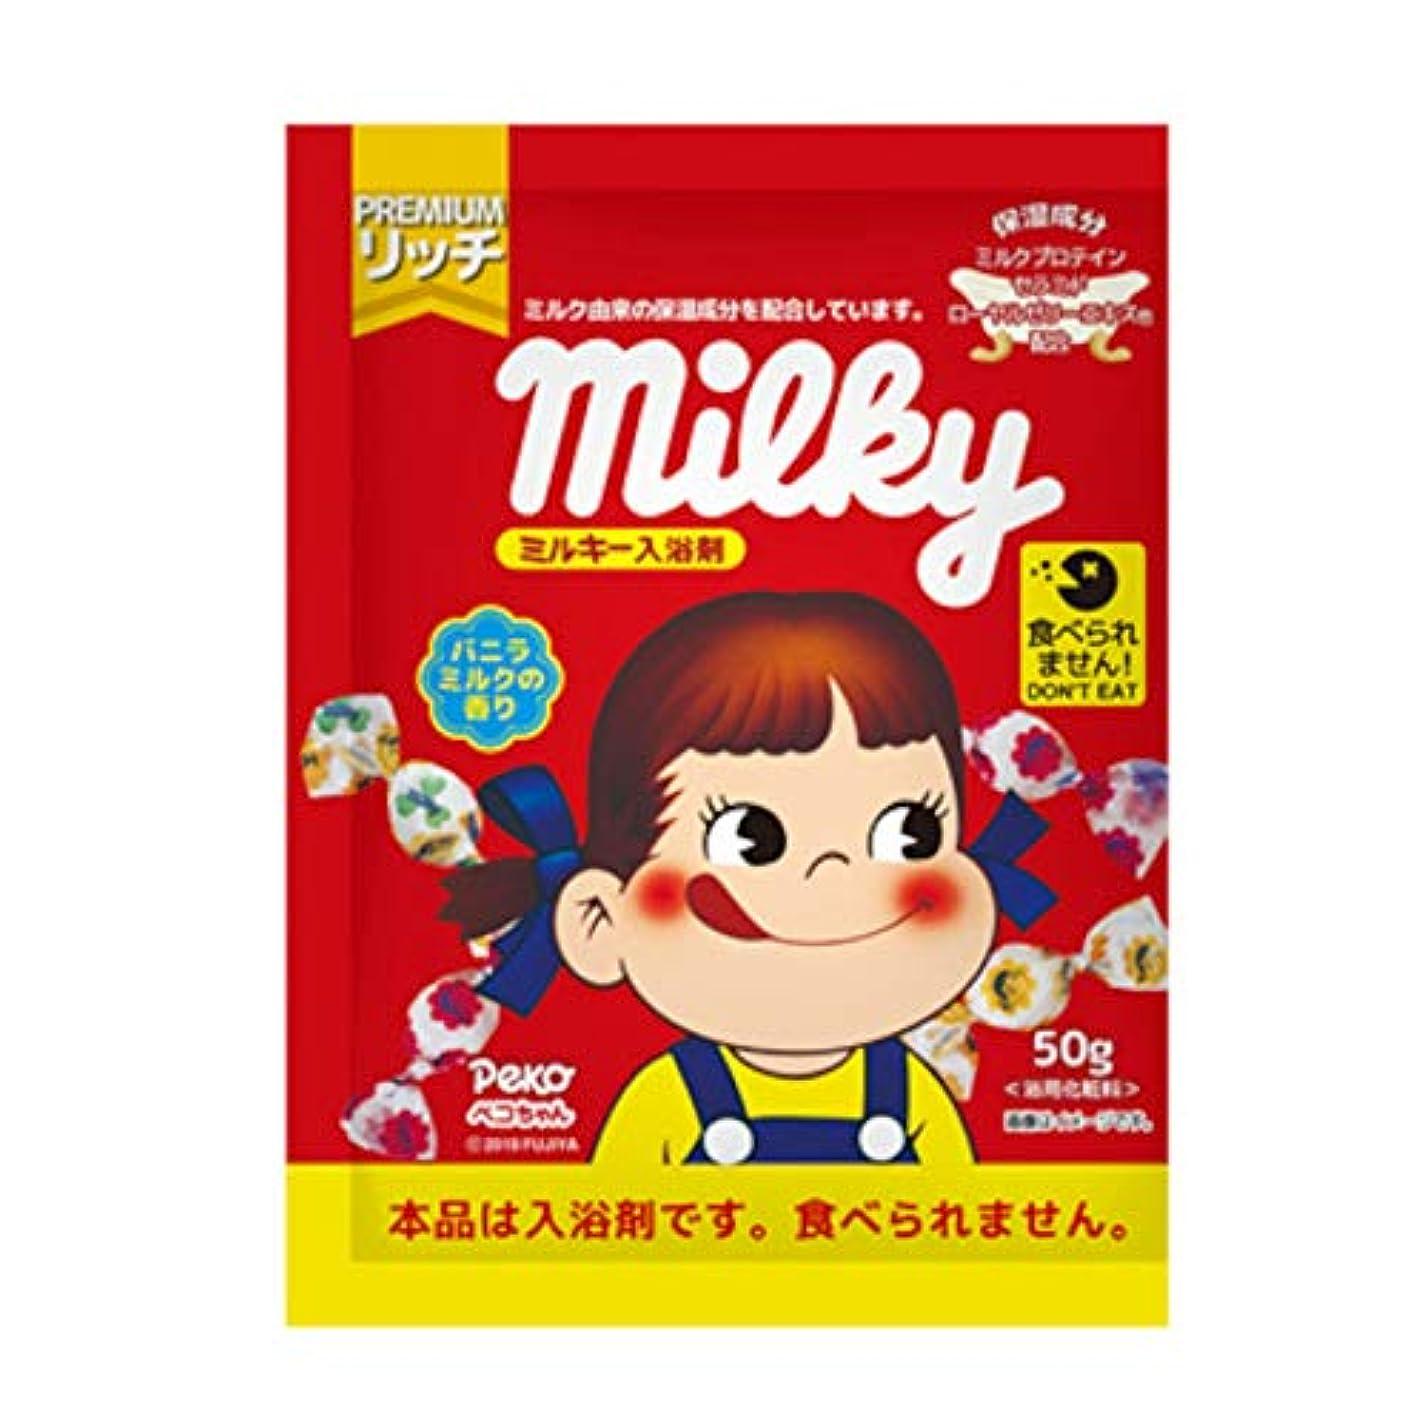 リラックス鳴り響く適度なミルキー入浴剤 ペコちゃん バニラミルクの香り 50g N-8785